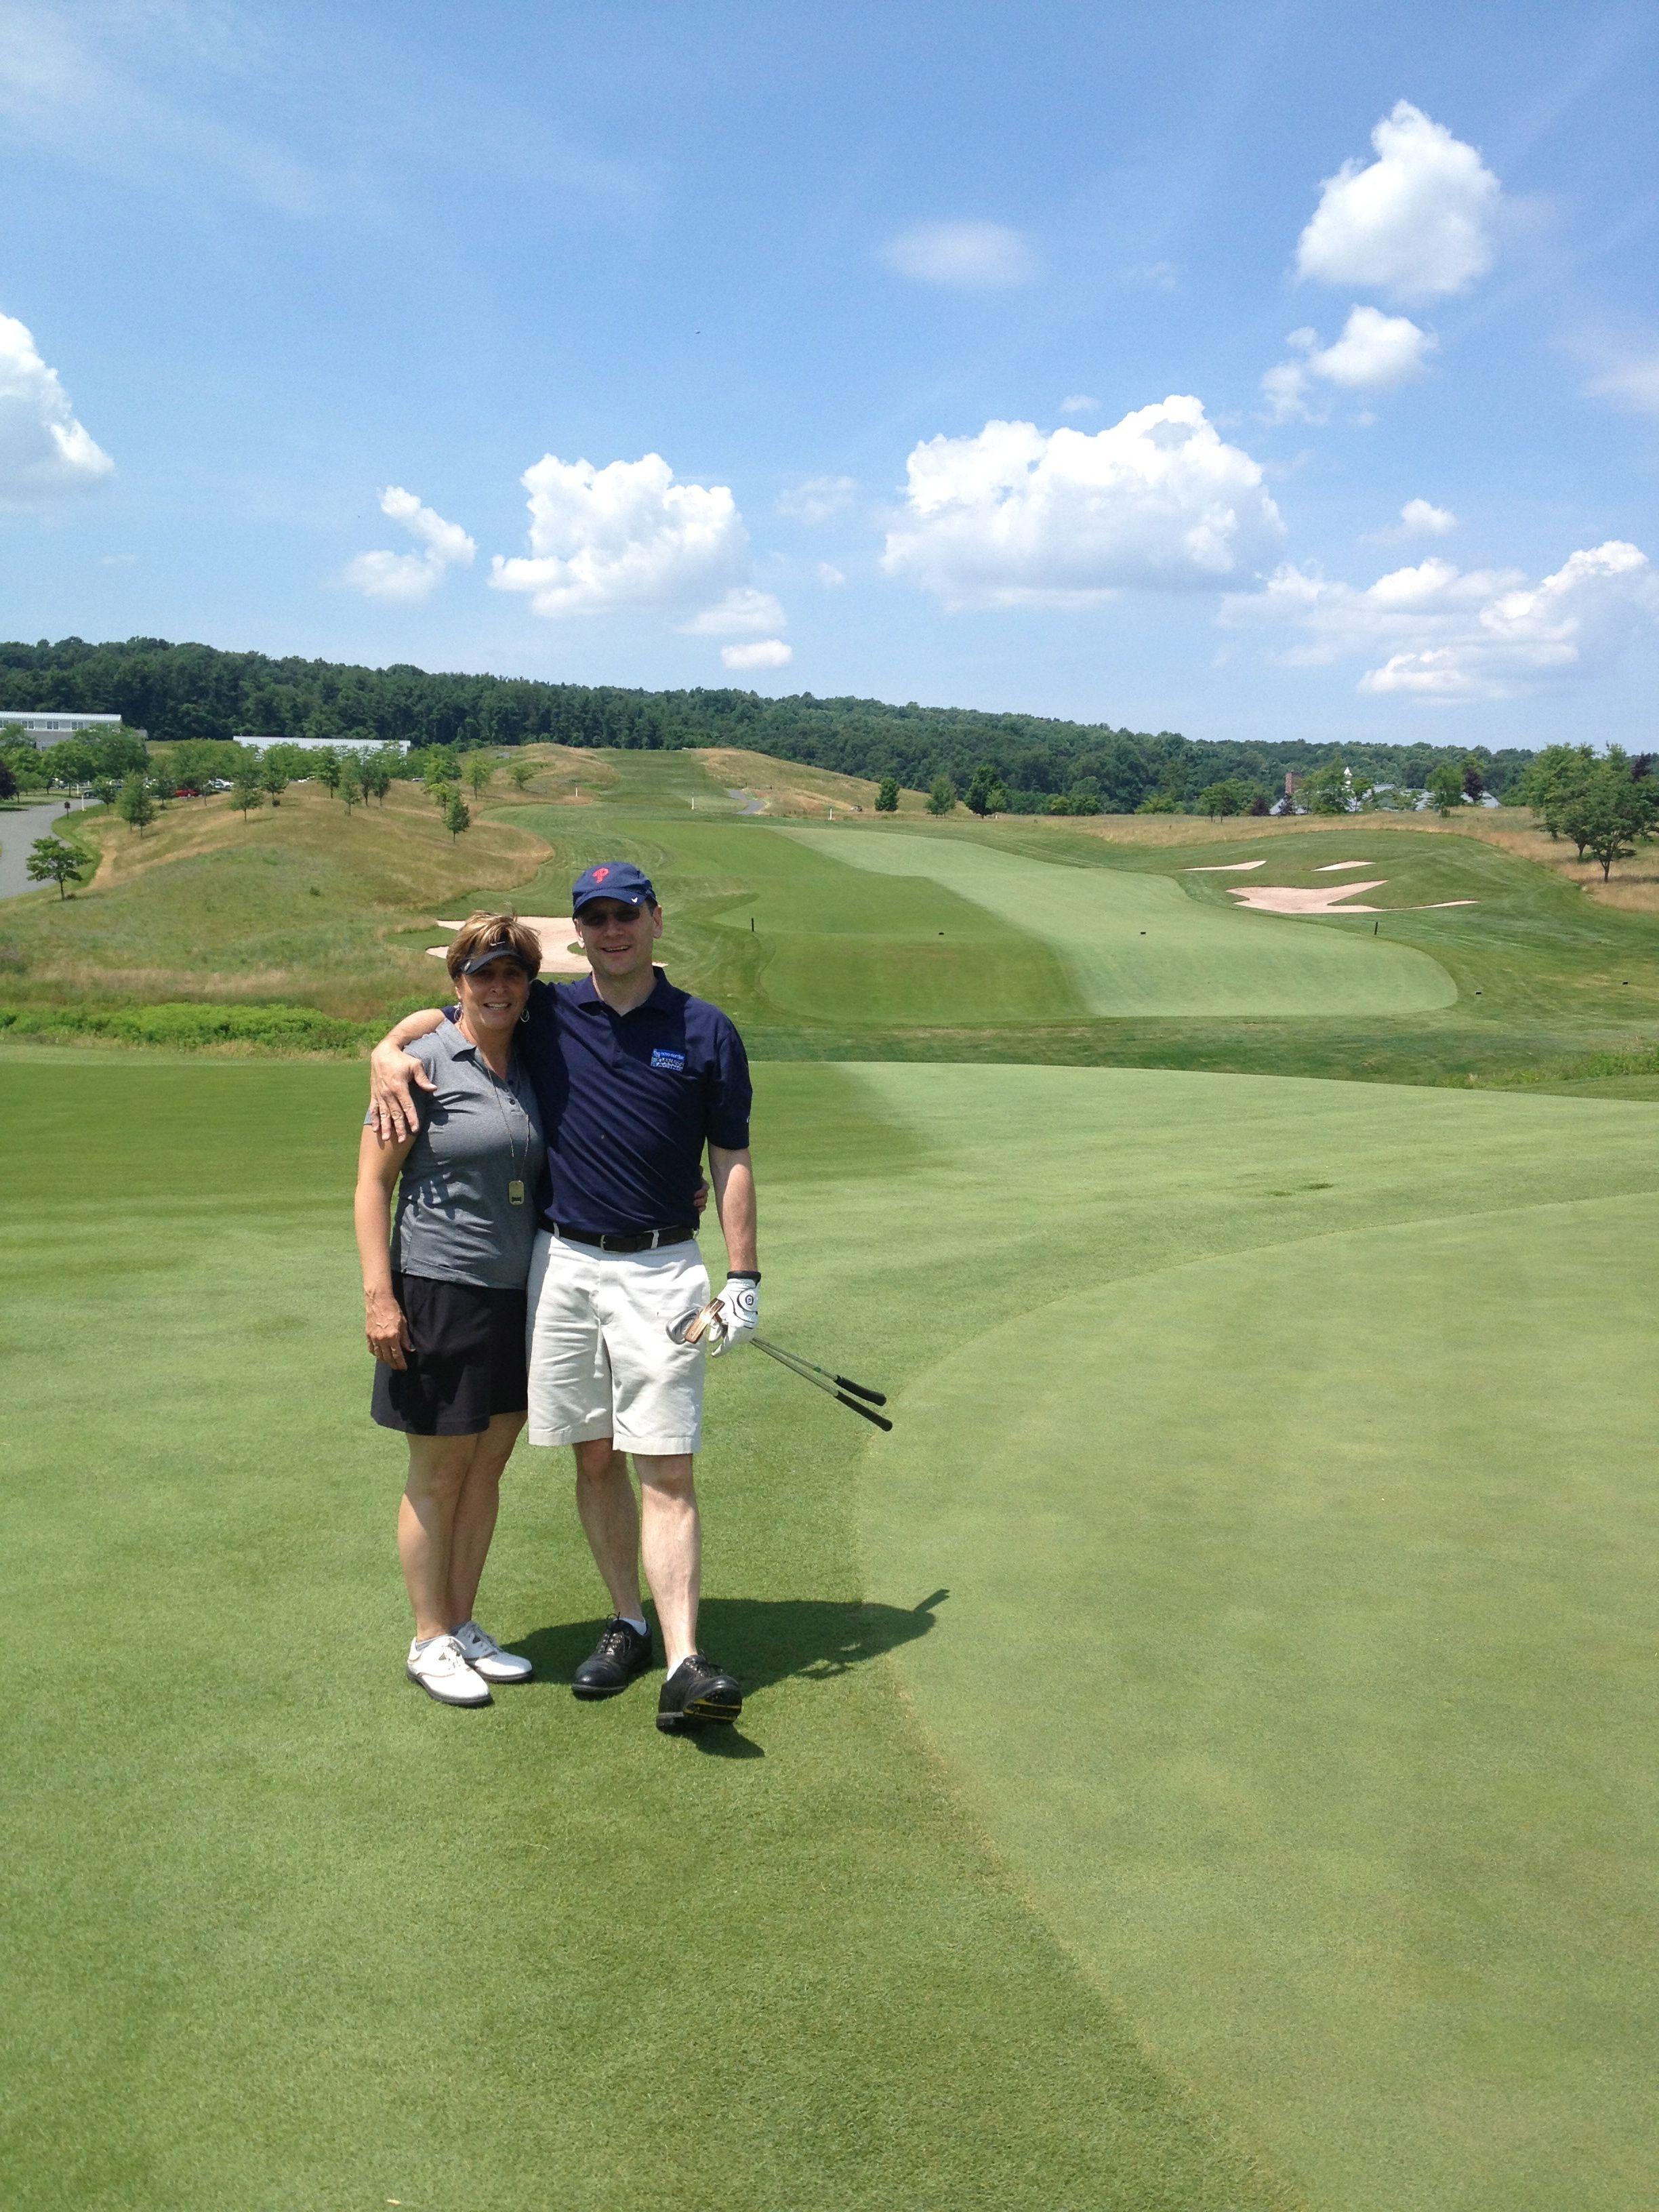 41 Ledgerock Golf Club In Mohnton Pa Golf Clubs Golf Club